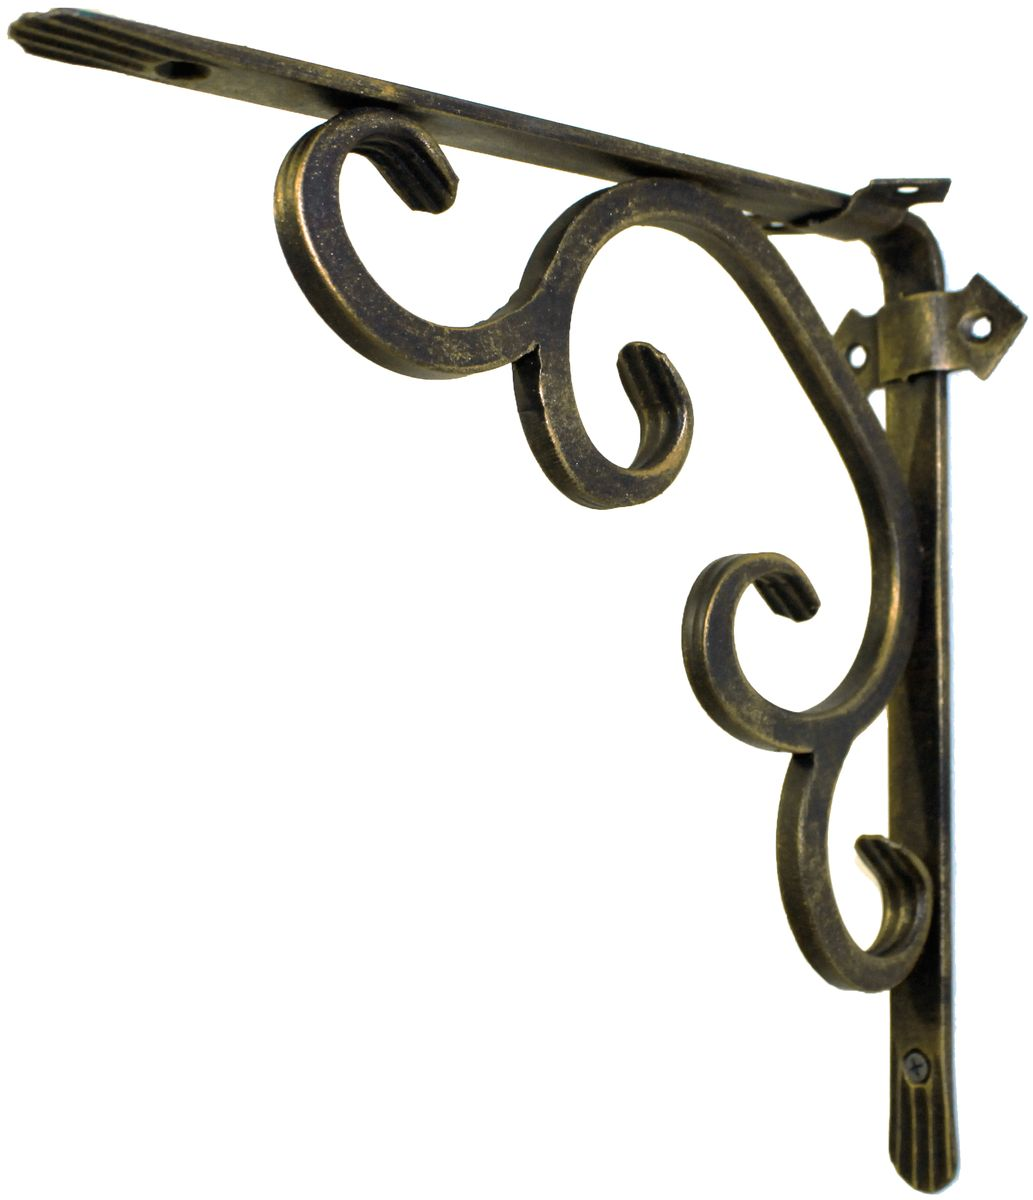 Держатель кованный для кашпо AVMmetall, цвет: черный, бронзовый. 250-2-bl-br250-2-bl-brКованный держатель для кашпо AVMmetall, изготовленный из высококачественной стали, декорирован золотой патиной. Изделие станет прекрасным украшением вашего сада. С его помощью вы сможете расположить корзину с цветами, а также установить полку в любом удобном месте: на даче, участке, на городском балконе и в других местах.Такой держатель с годами не потеряет своей привлекательности. При правильном монтаже выдерживает статичную нагрузку до 150 кг. Размер держателя (ДхШ): 25 х 25 см.